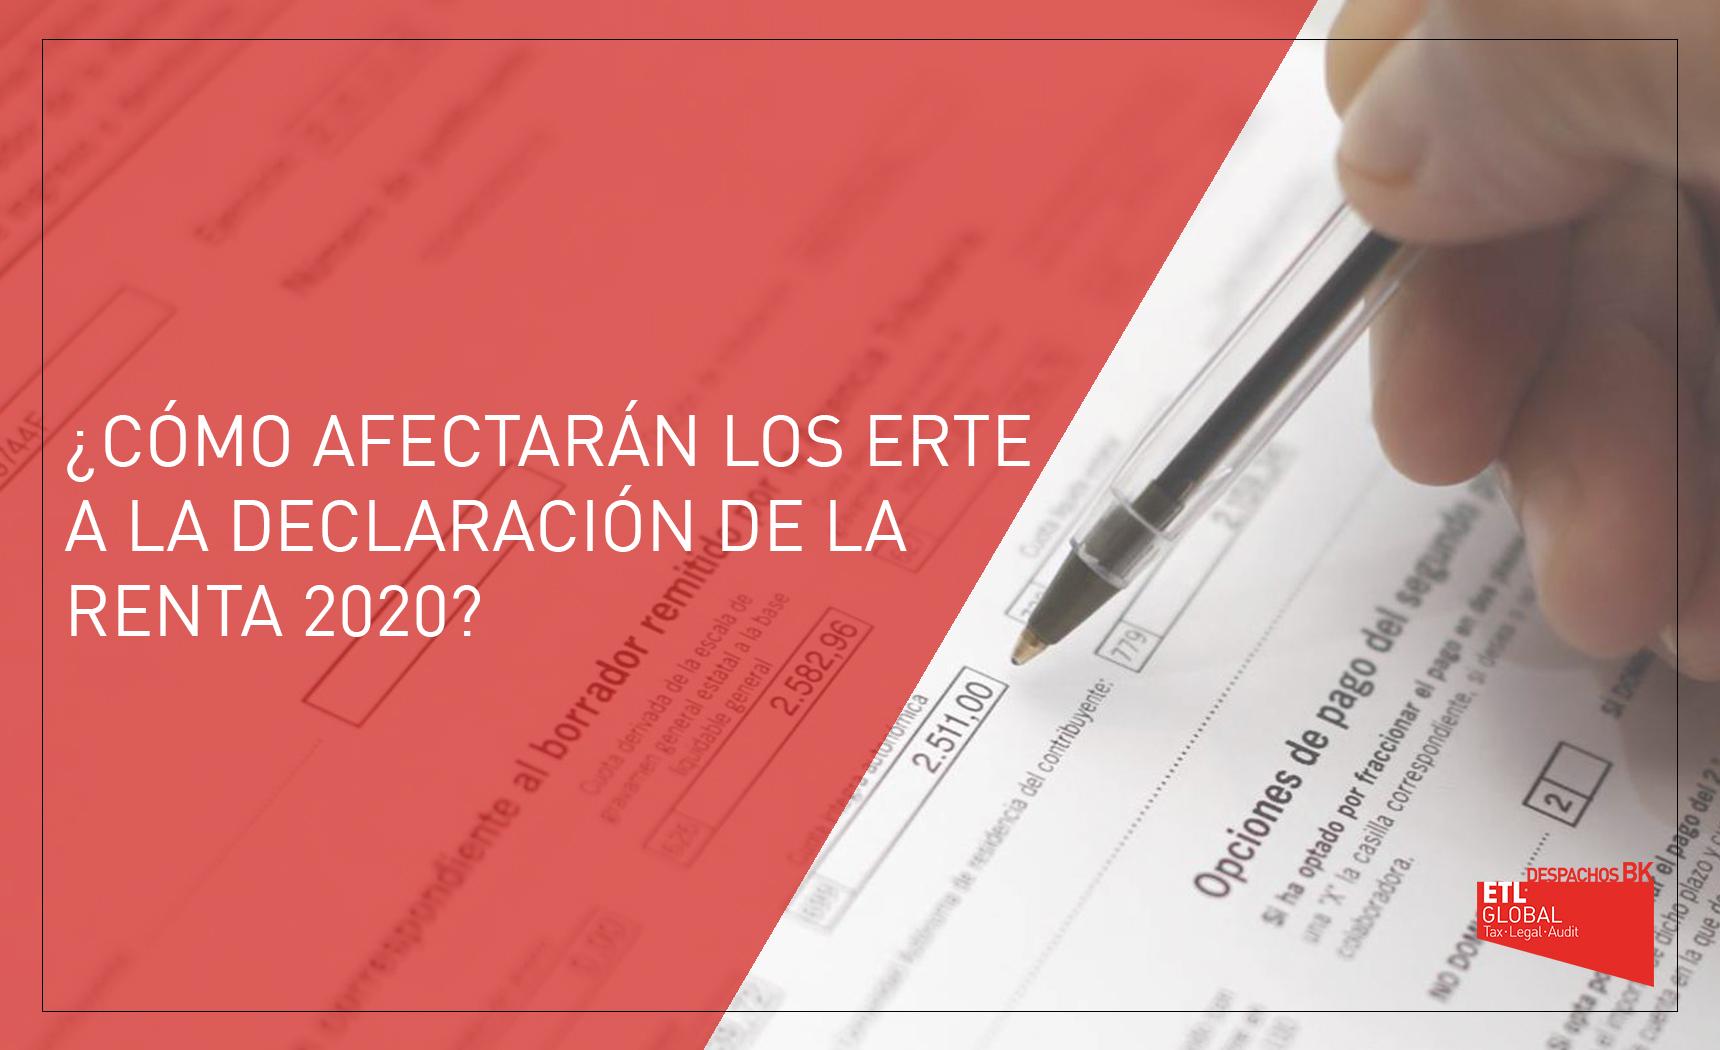 erte y declaración de la renta 2020